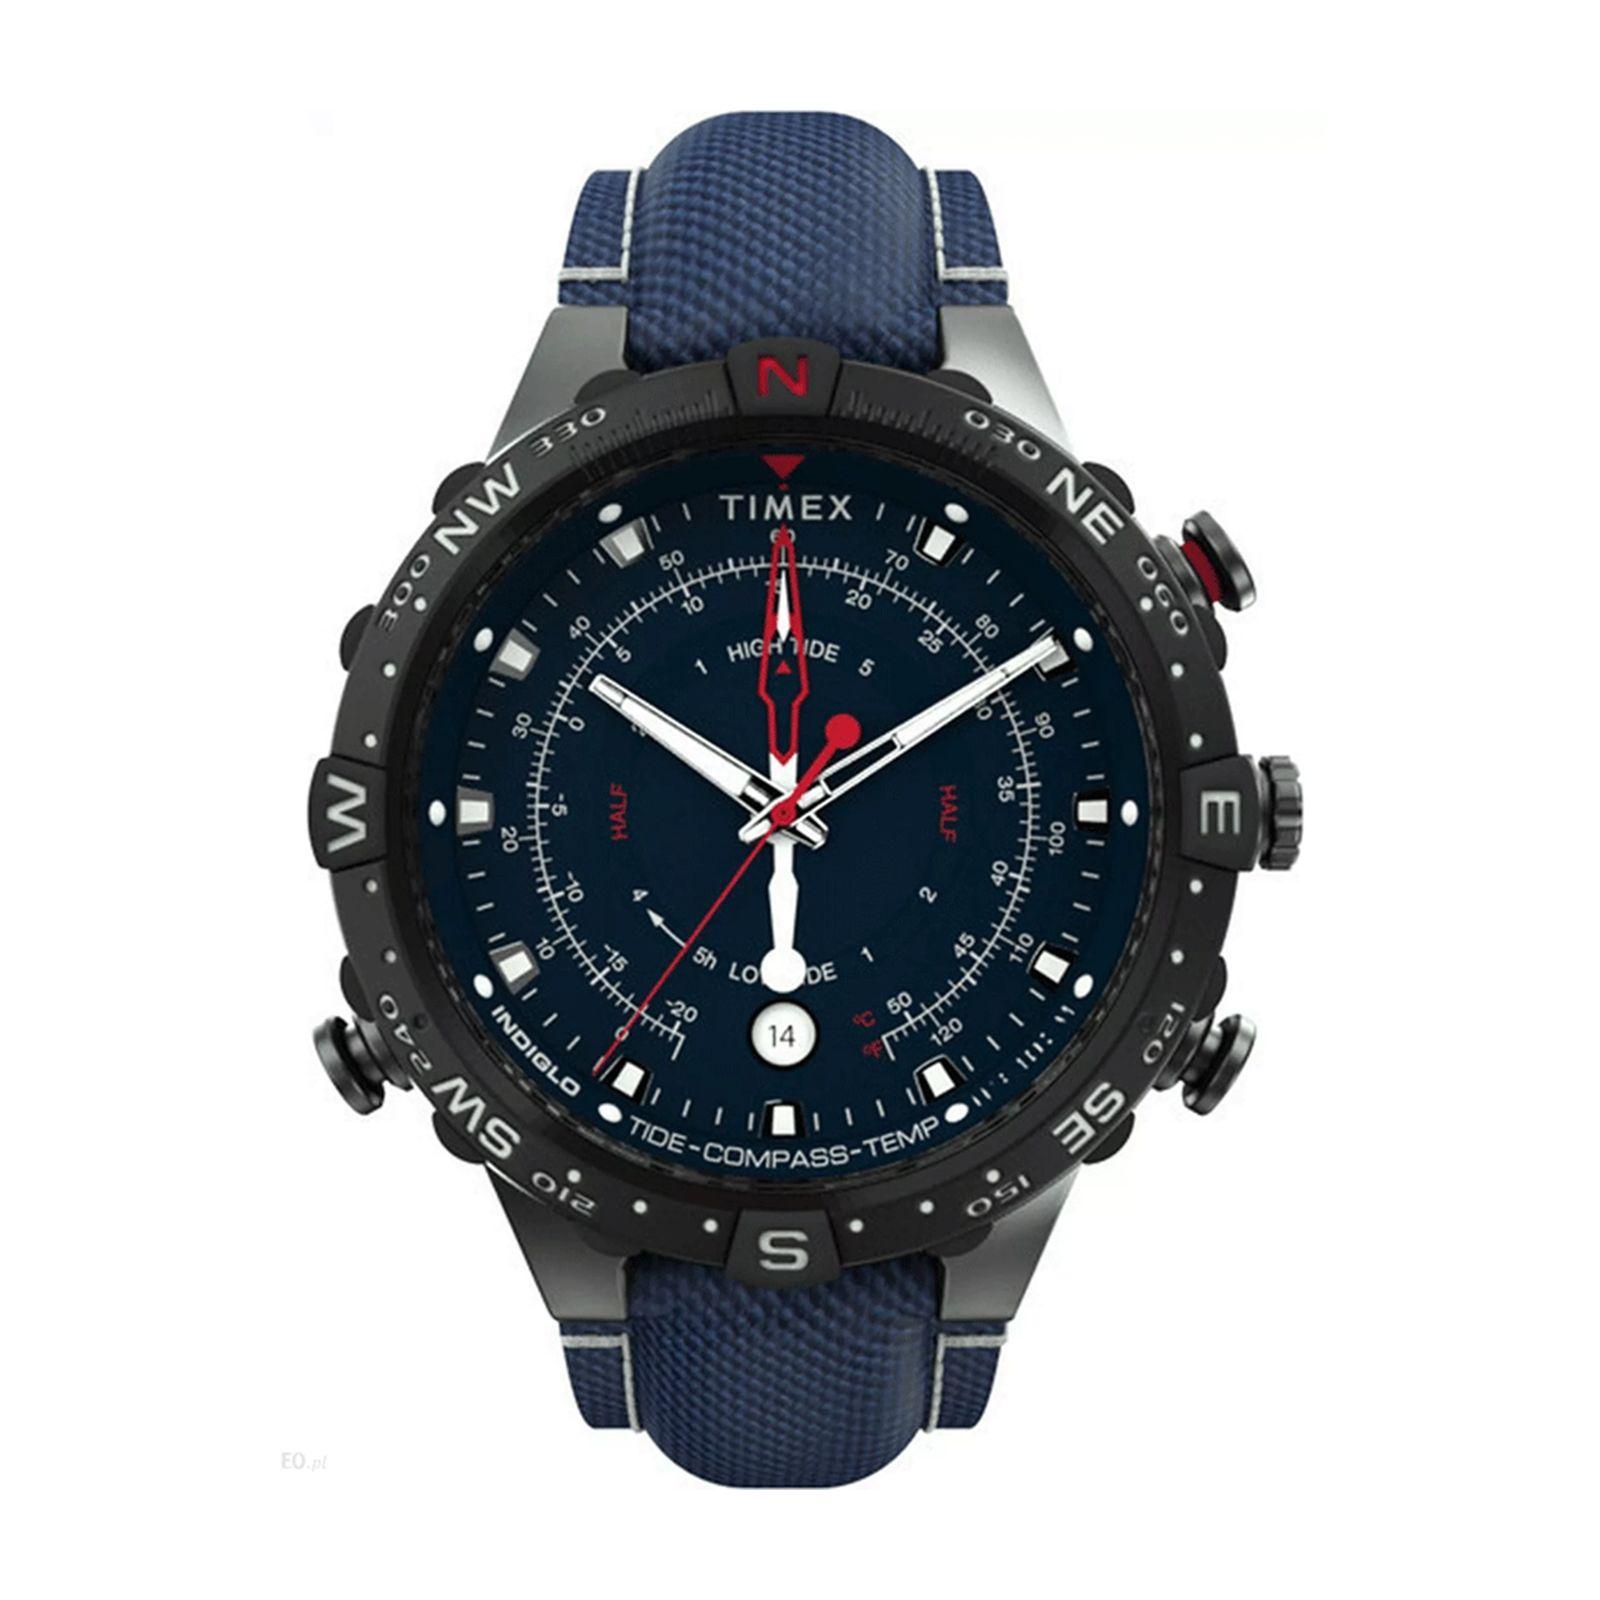 ساعت مچی عقربه ای مردانه تایمکس مدل TW2T76300 -  - 1